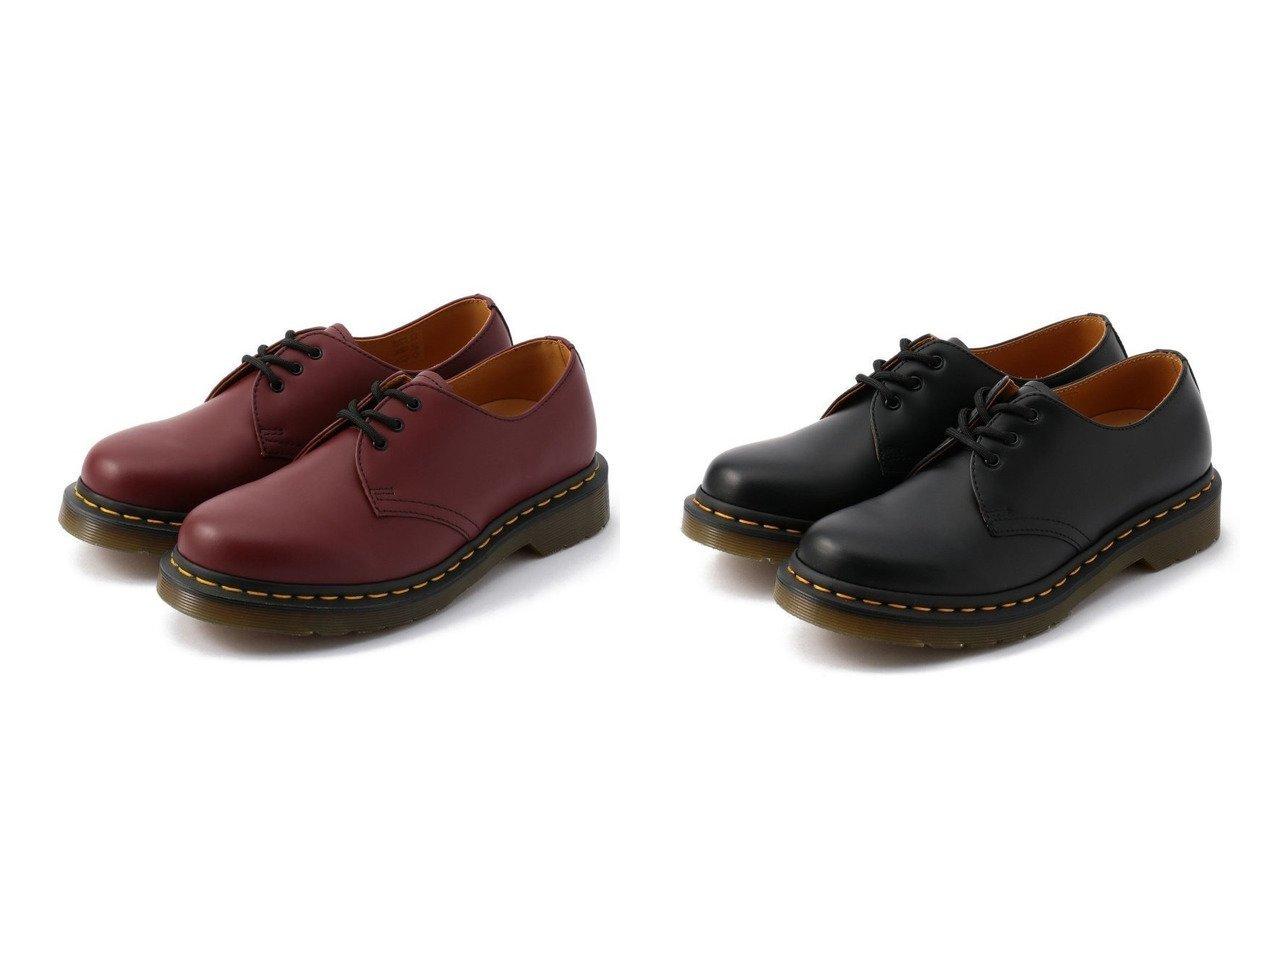 【UNCUT BOUND/アンカット バウンド】の14613EYEGIBSON3ホールギブソンDr.Martens(ドクターマーチン) シューズ・靴のおすすめ!人気、トレンド・レディースファッションの通販  おすすめで人気の流行・トレンド、ファッションの通販商品 メンズファッション・キッズファッション・インテリア・家具・レディースファッション・服の通販 founy(ファニー) https://founy.com/ ファッション Fashion レディースファッション WOMEN クッション シューズ シンプル 定番 Standard ロンドン |ID:crp329100000024522